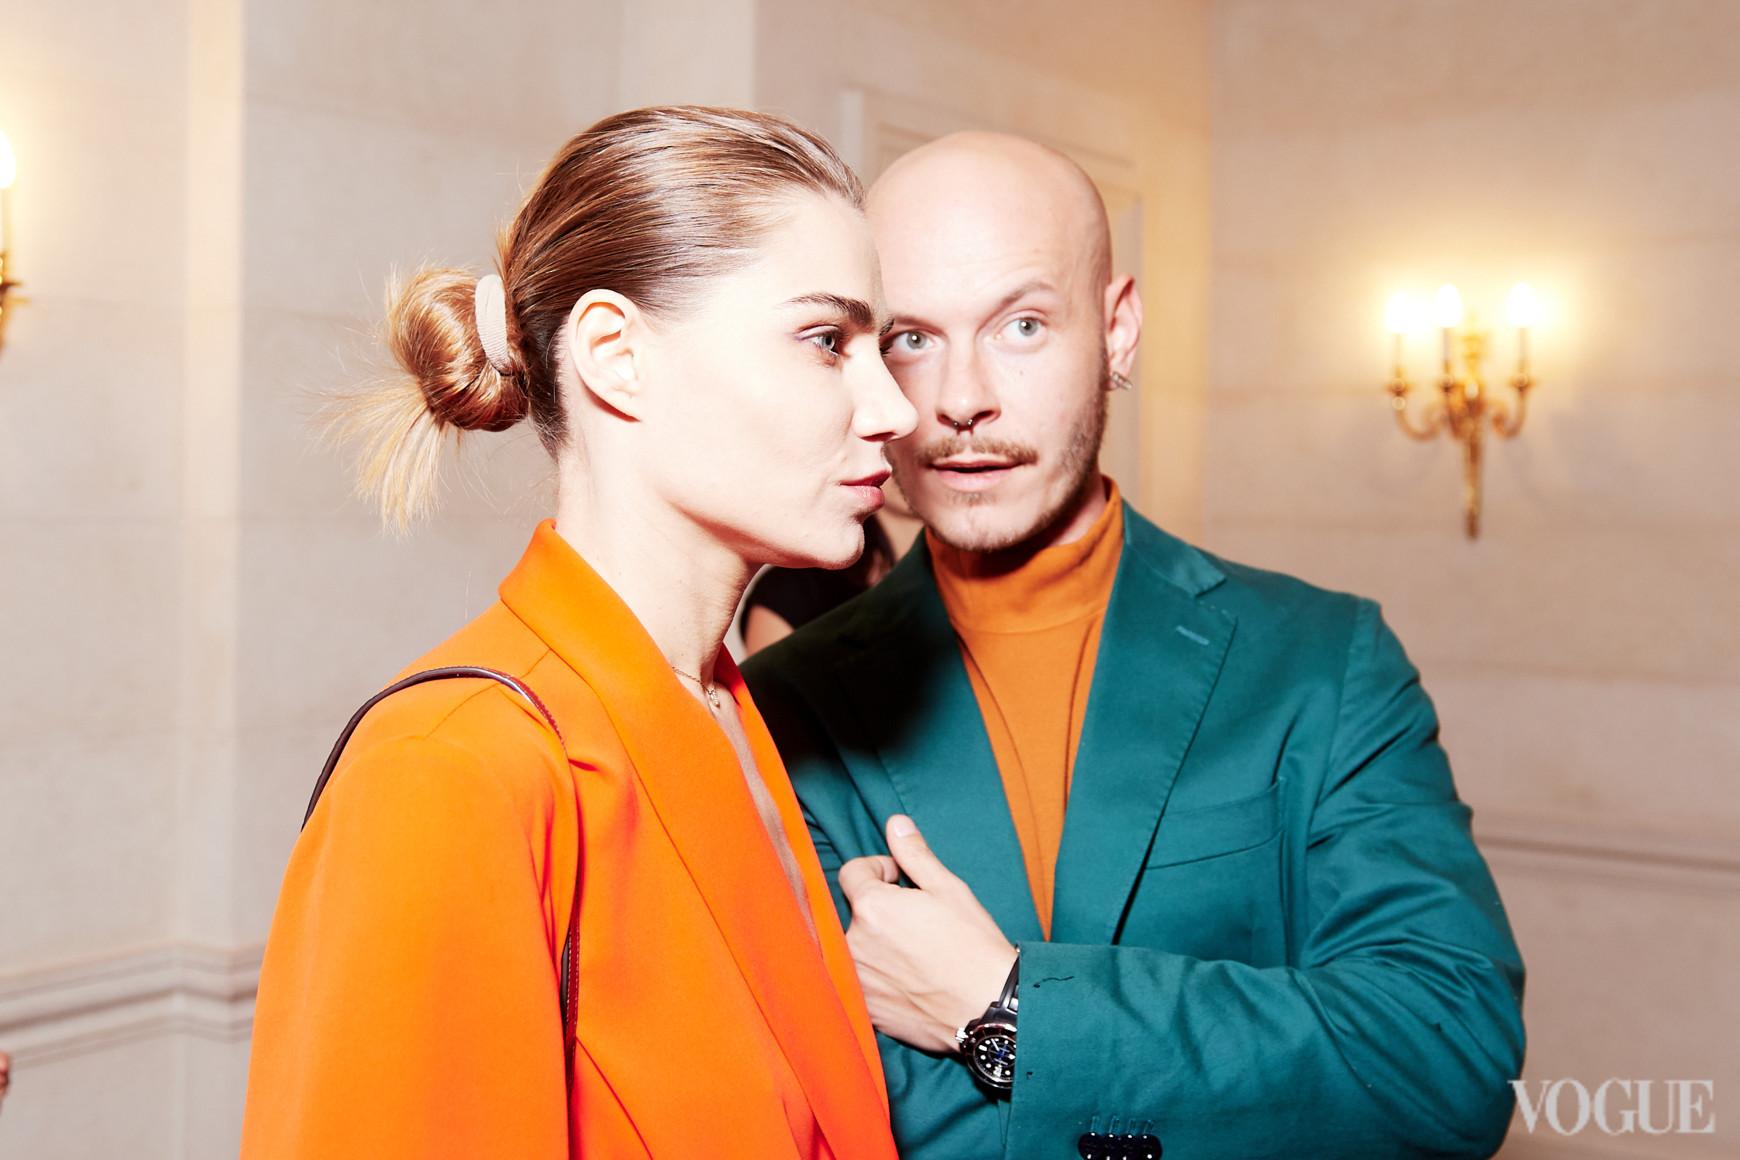 Юлия Богдан и Максим Некрасов